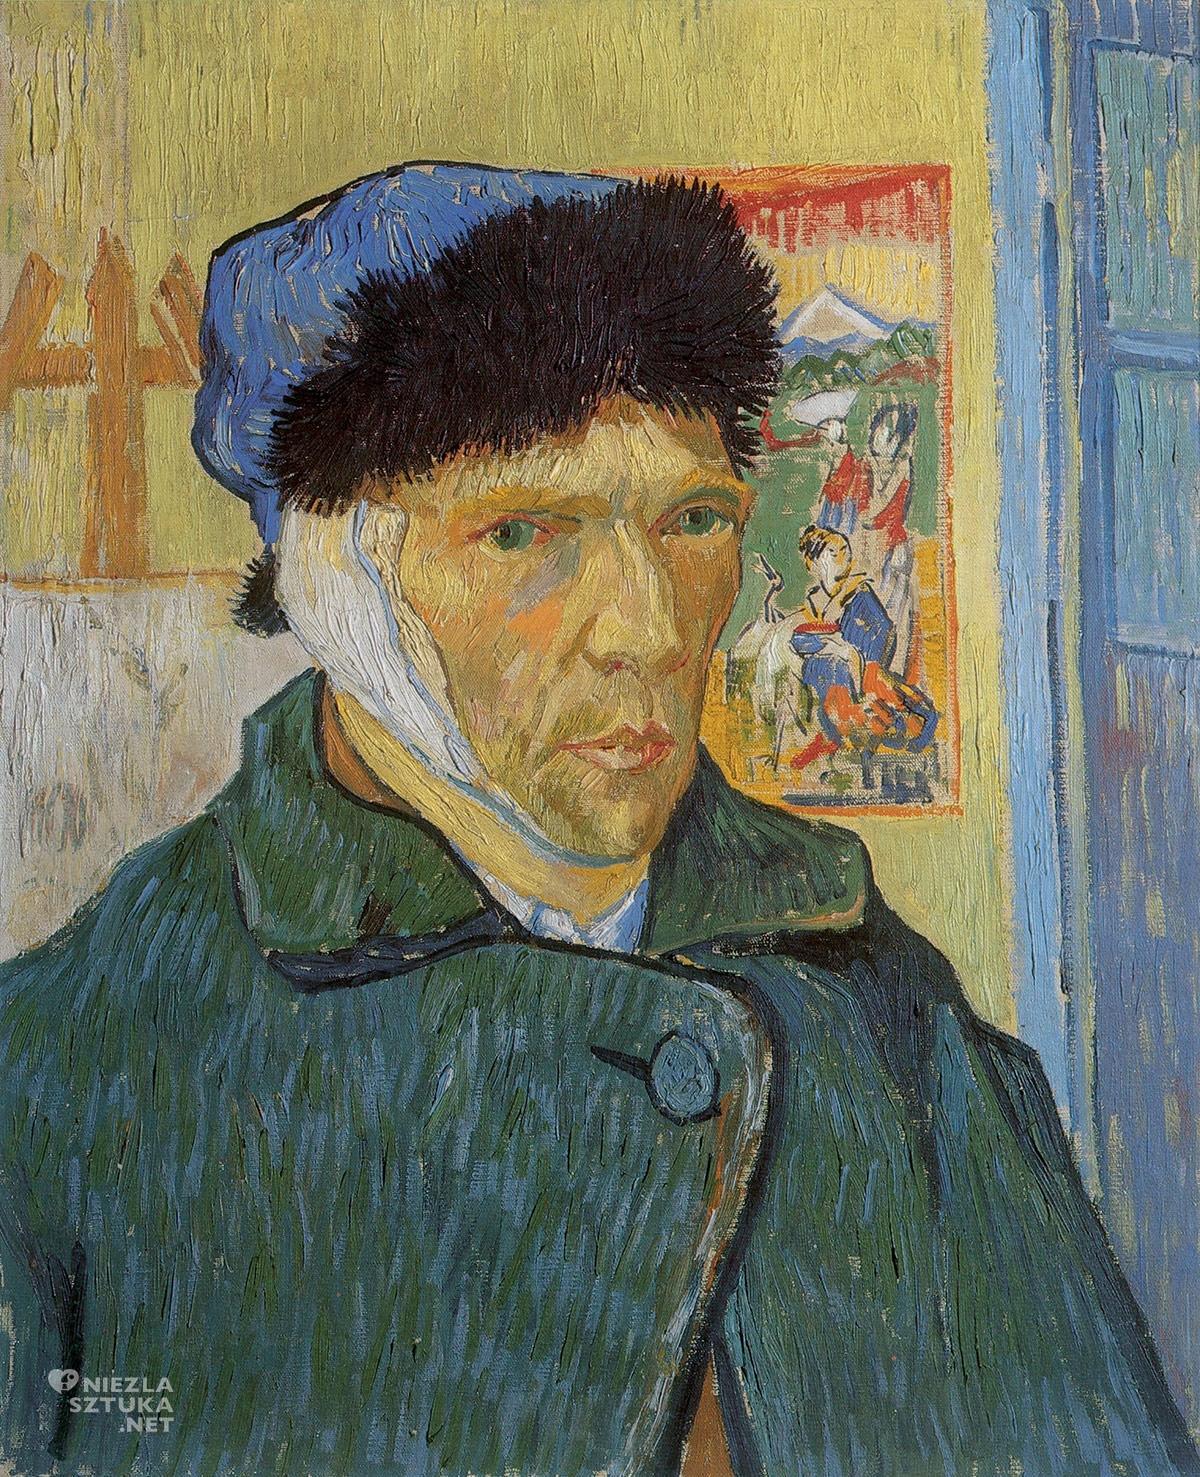 Vincent van Gogh, Autoportret z zabandażowanym uchem, autoportret artysty, Niezła Sztuka